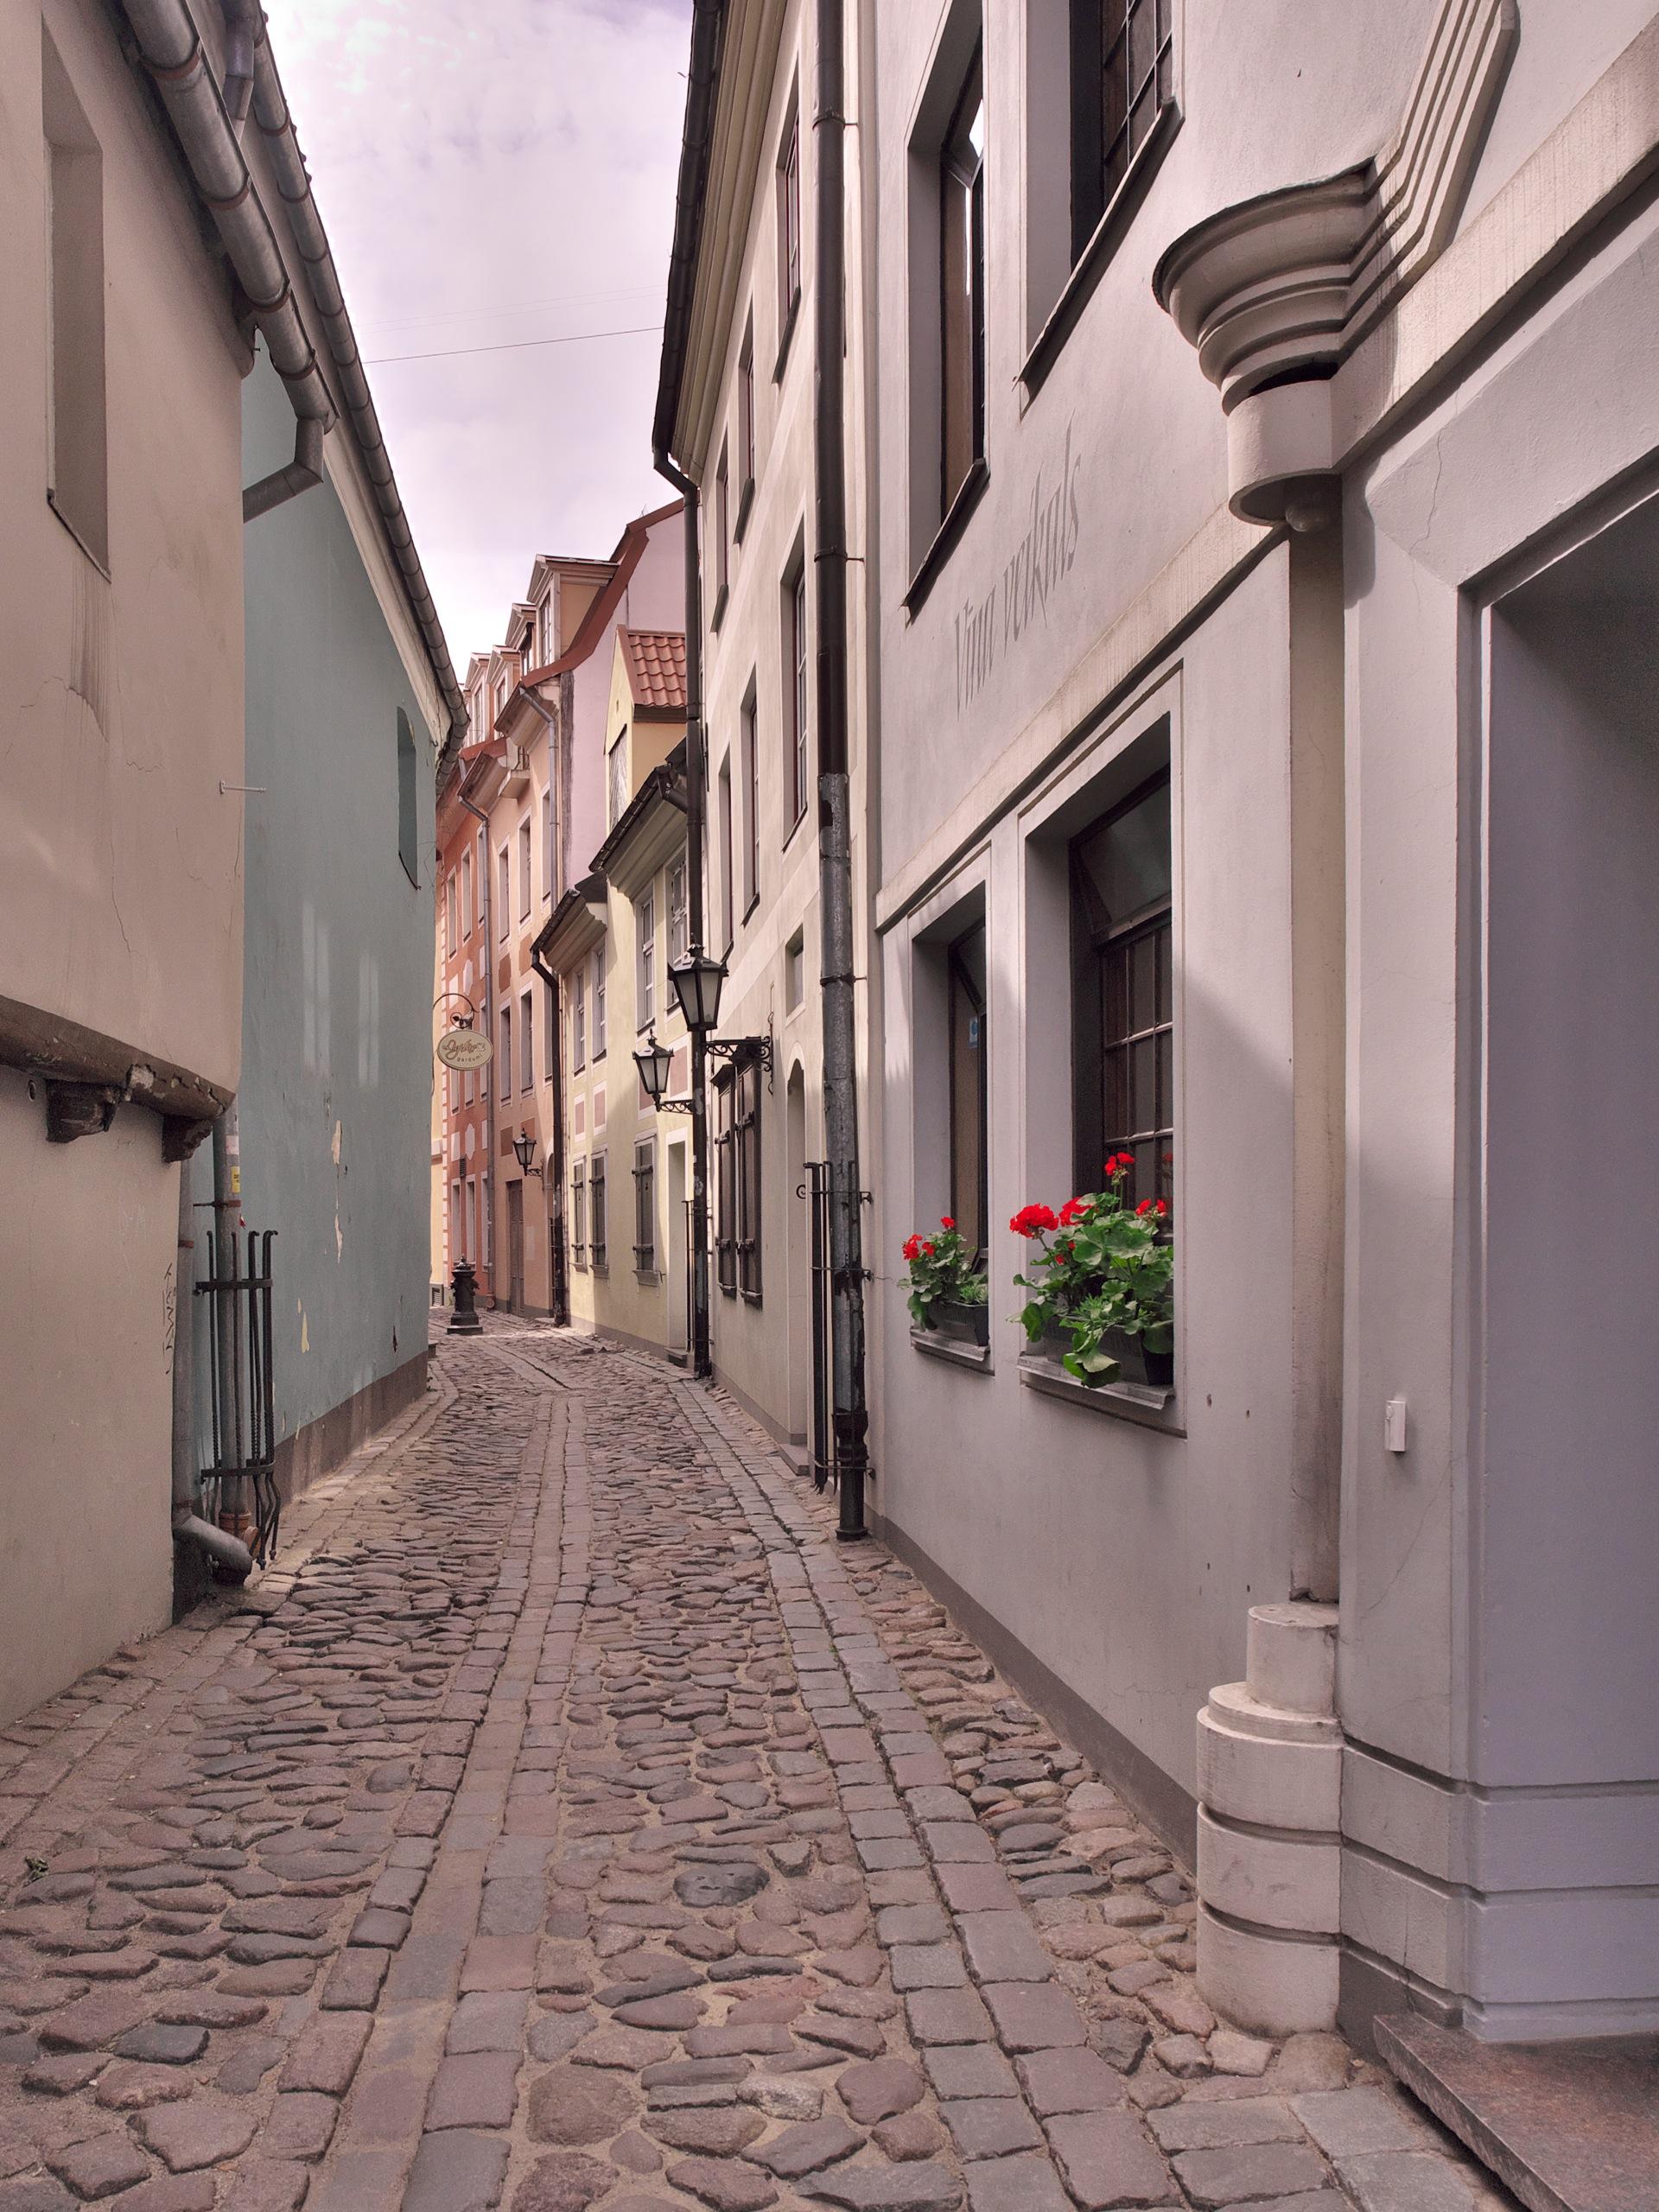 Bild: An manchen Stellen in der Altstadt von Rīga lässt sich die Enge der alten Hansestadt noch hautnah erleben, so wie in der Trokšņu iela. OLYMPUS OM-D E-M5 mit M.ZUIKO DIGITAL ED 12‑40mm 1:2.8. ISO 200 ¦ f/7,1 ¦ 12 mm ¦ 1/500 s ¦ kein Blitz. Klicken Sie auf das Bild um es zu vergrößern.